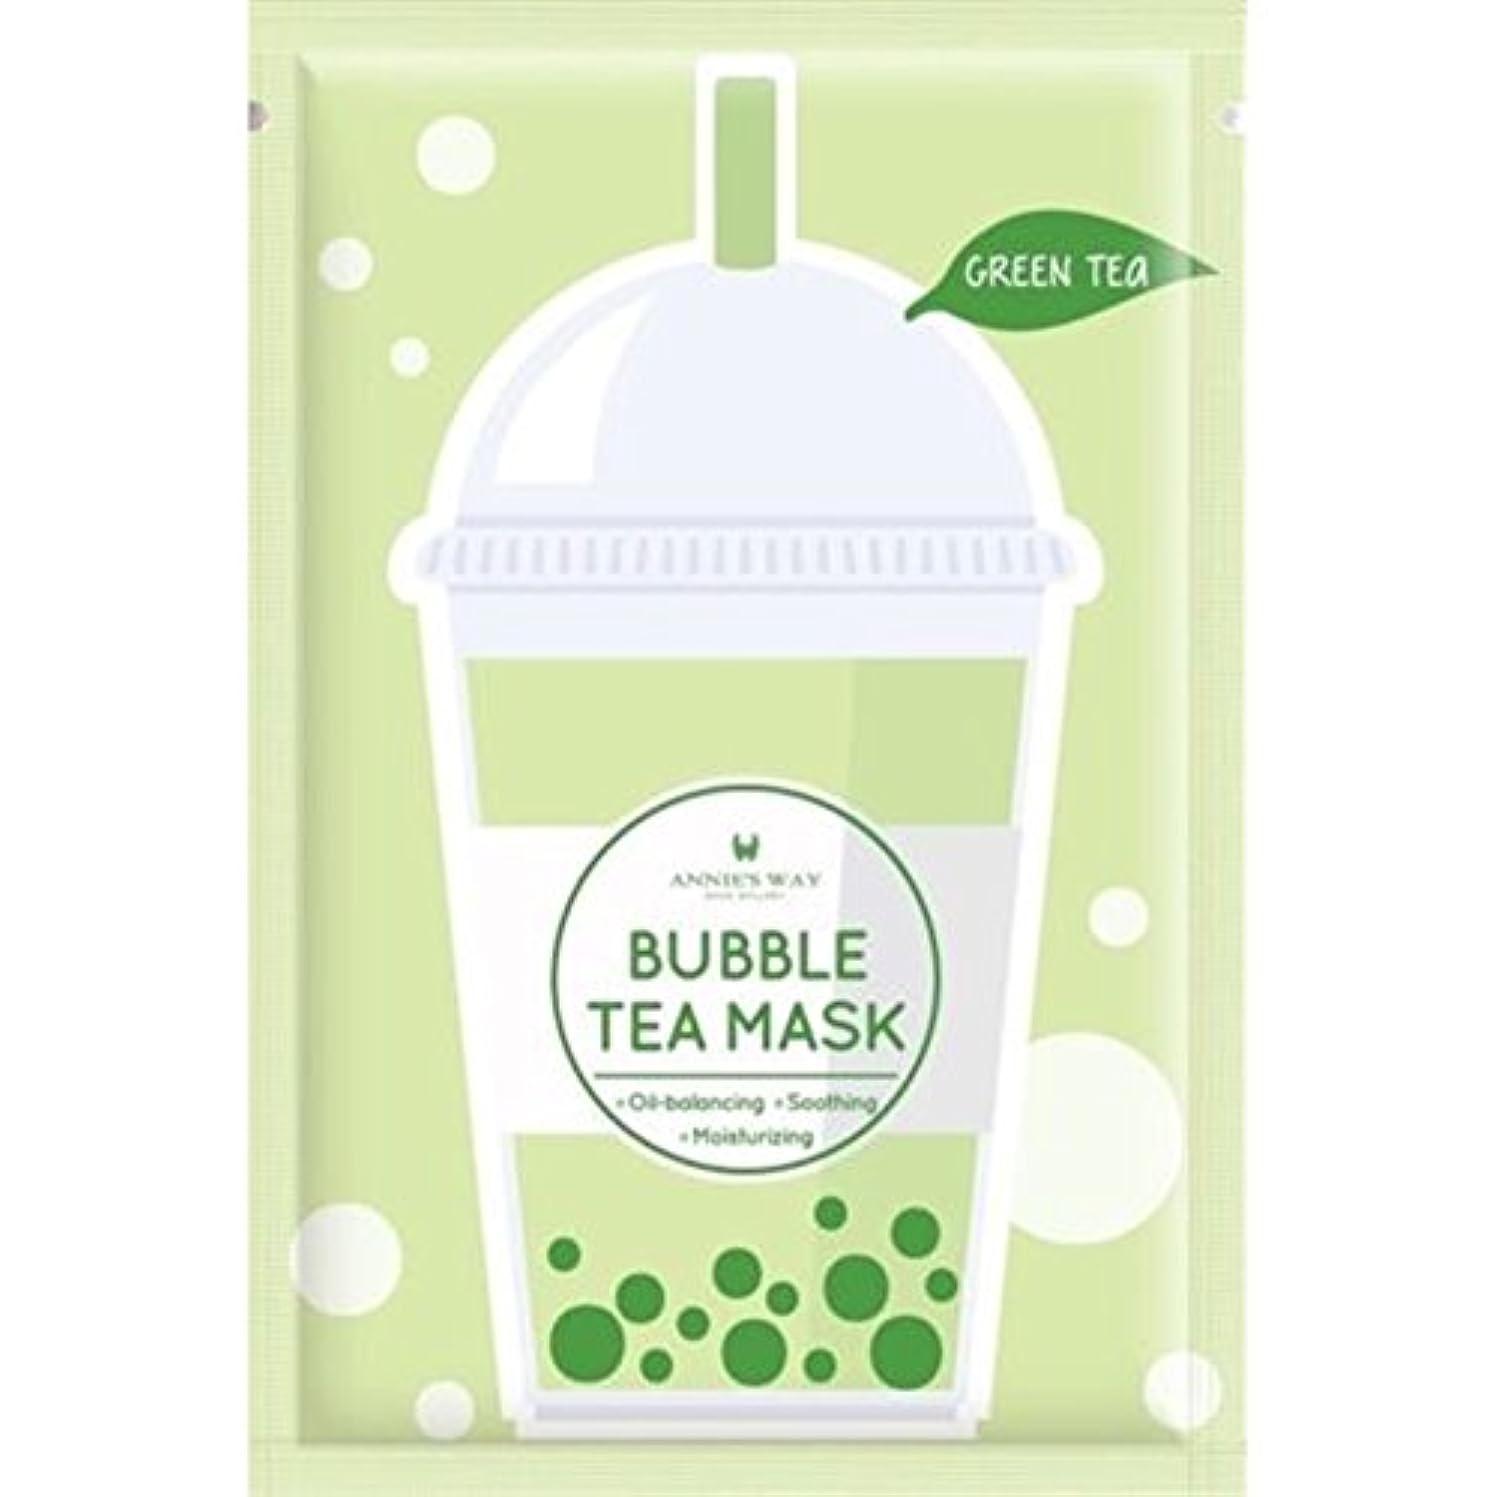 外国人同行する忠誠Annie's Way 人気 タピオカミルクティー シートマスク 全4種 (緑茶)